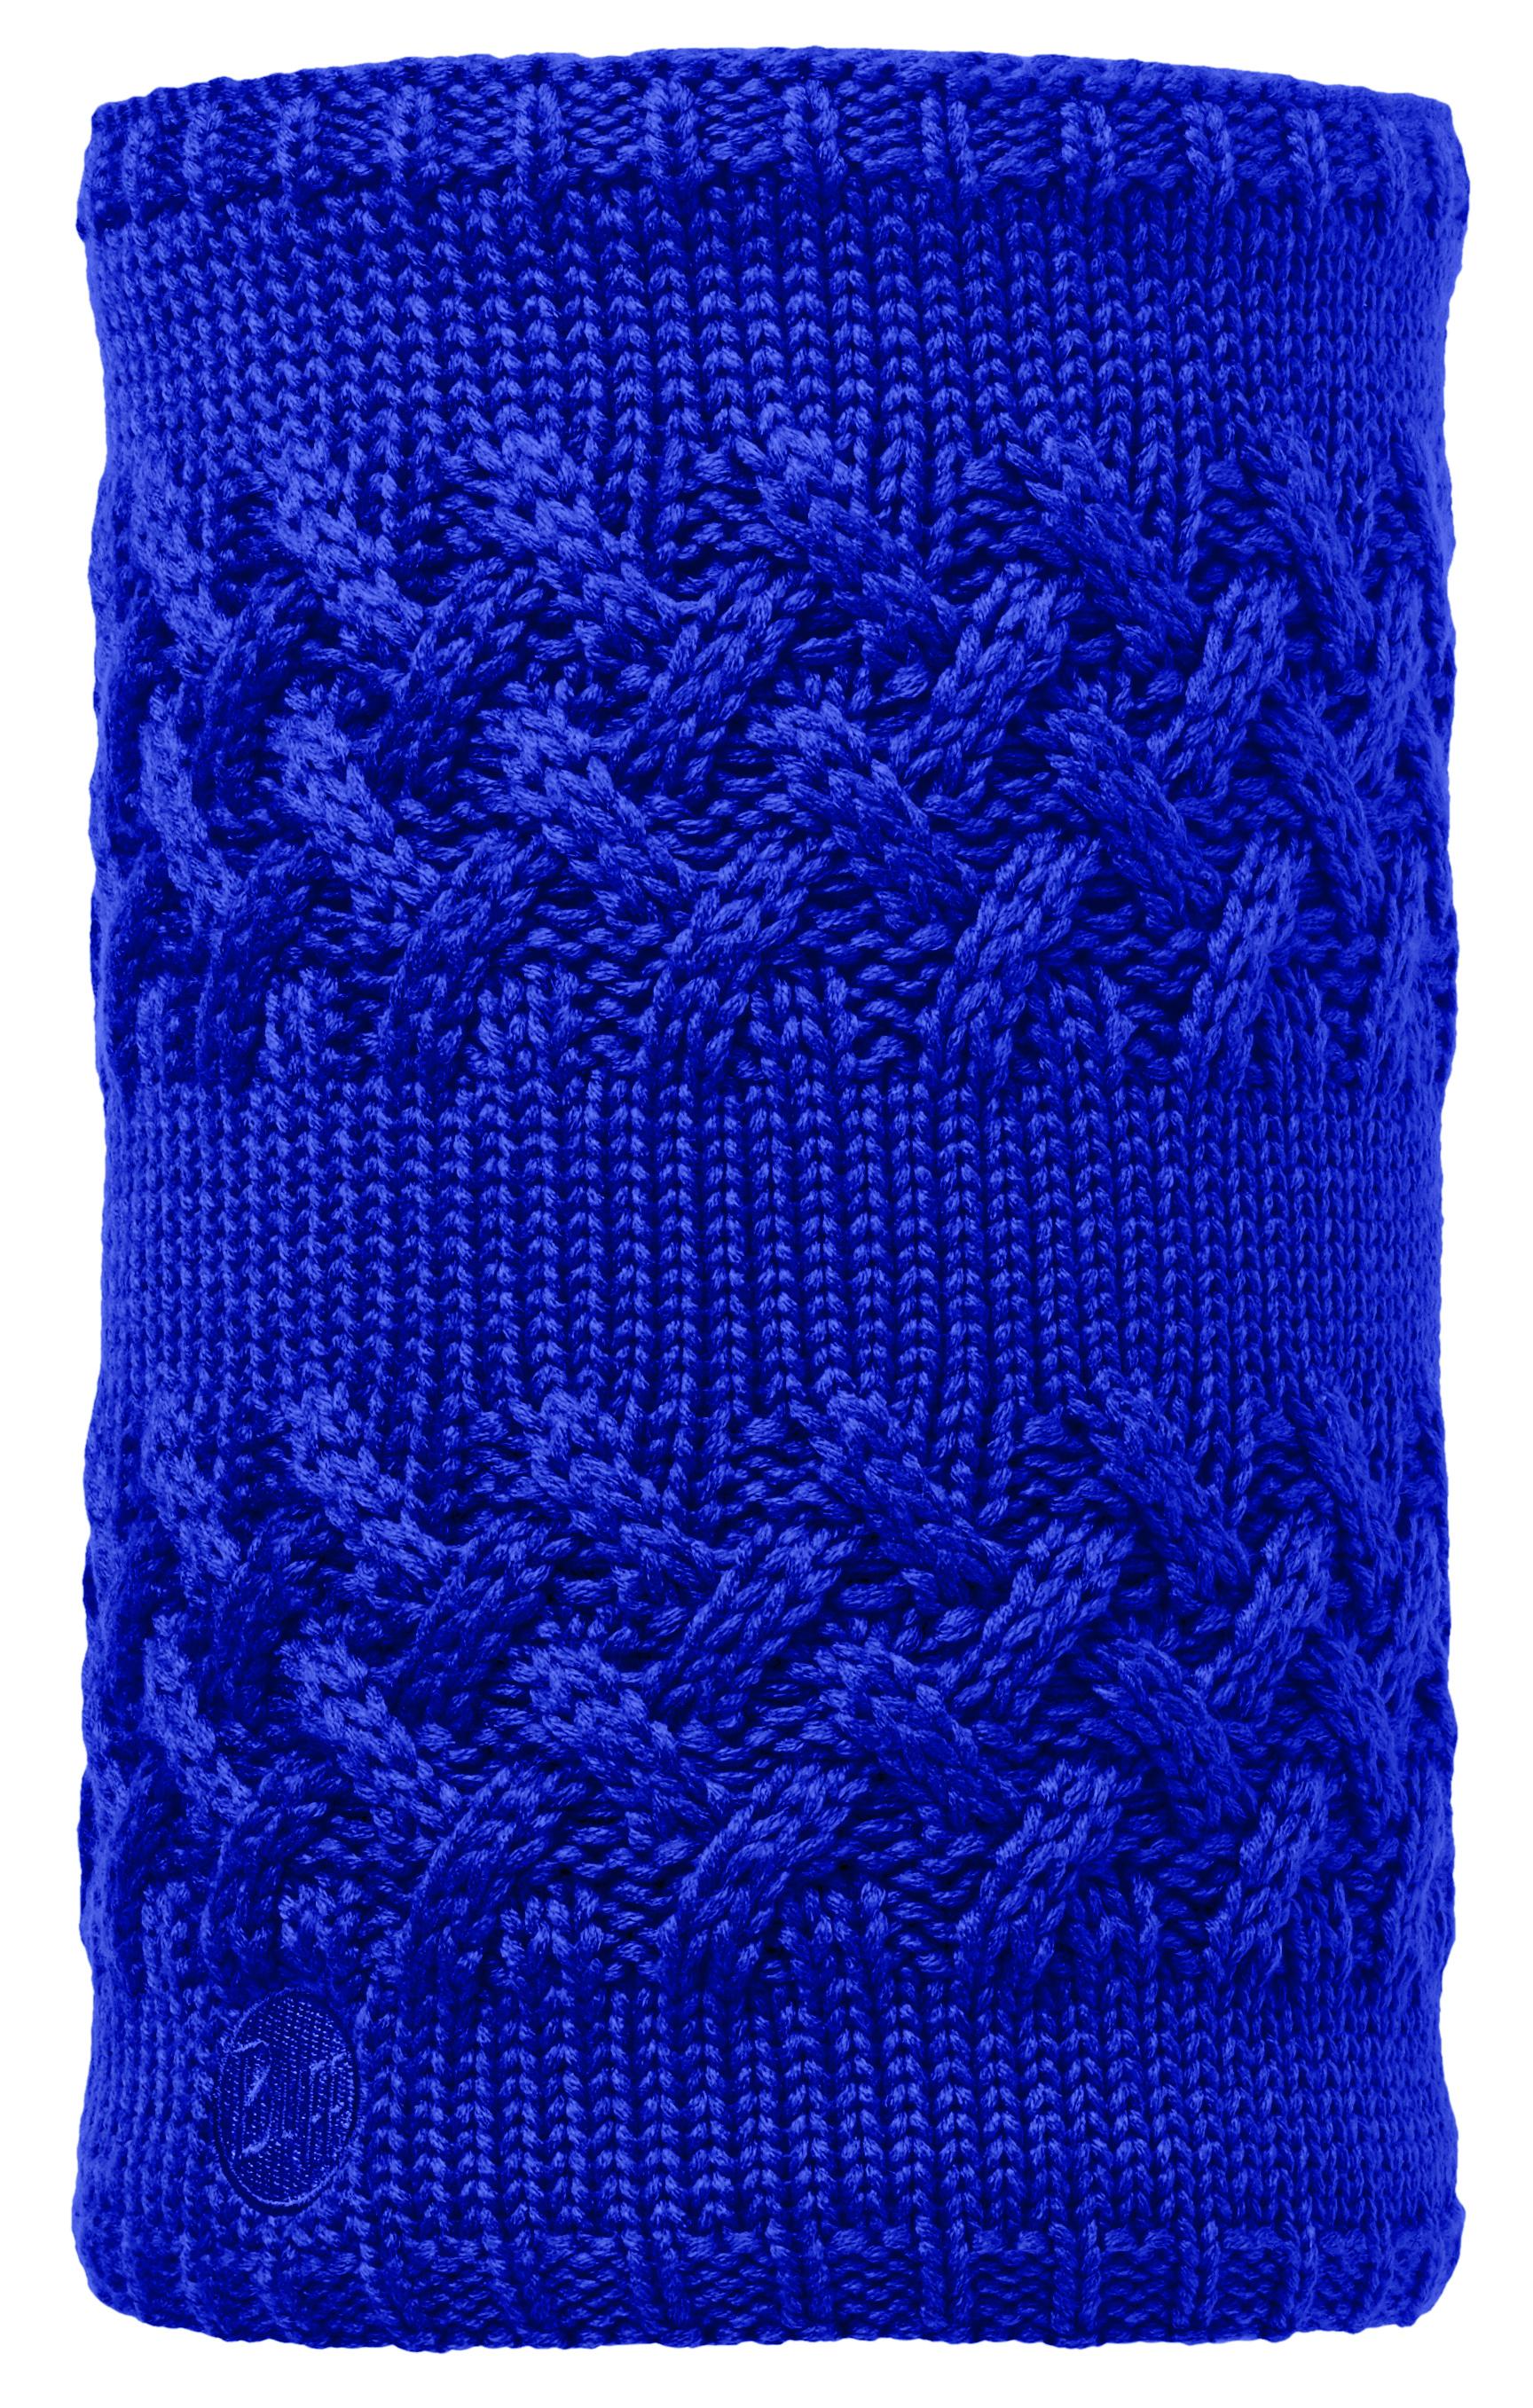 Шарф BUFF KNITTED & POLAR NECKWARMER BUFF SAVVA MAZARINE BLUE (US:one size)